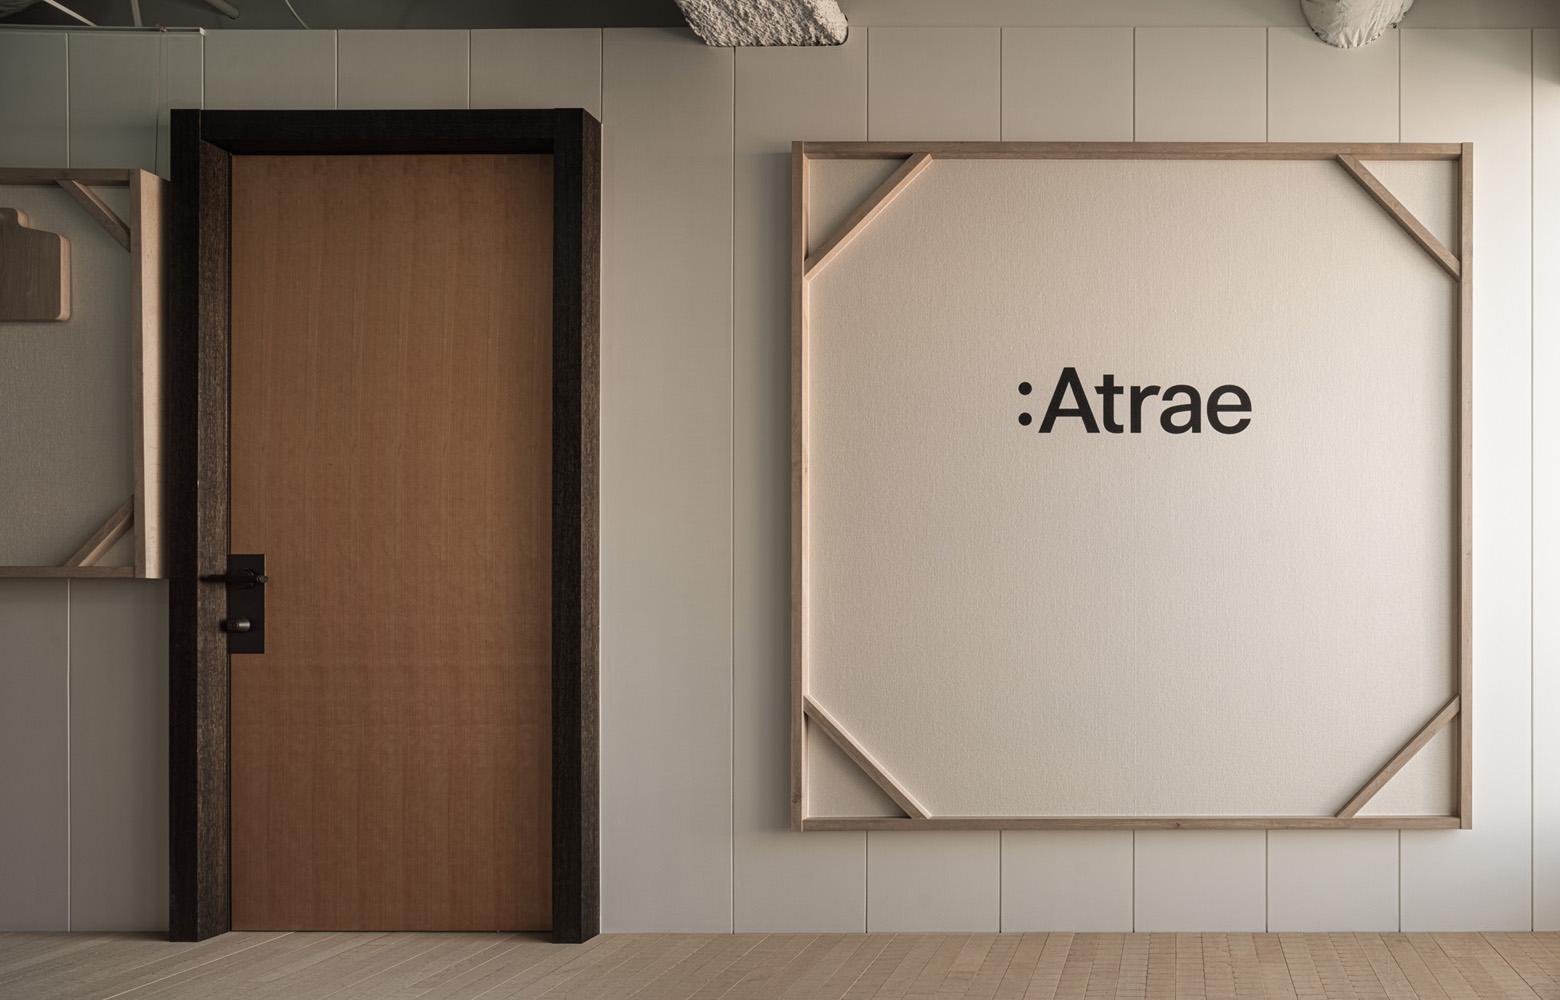 株式会社アトラエ vol.3 9F Entrance デザイン・レイアウト事例